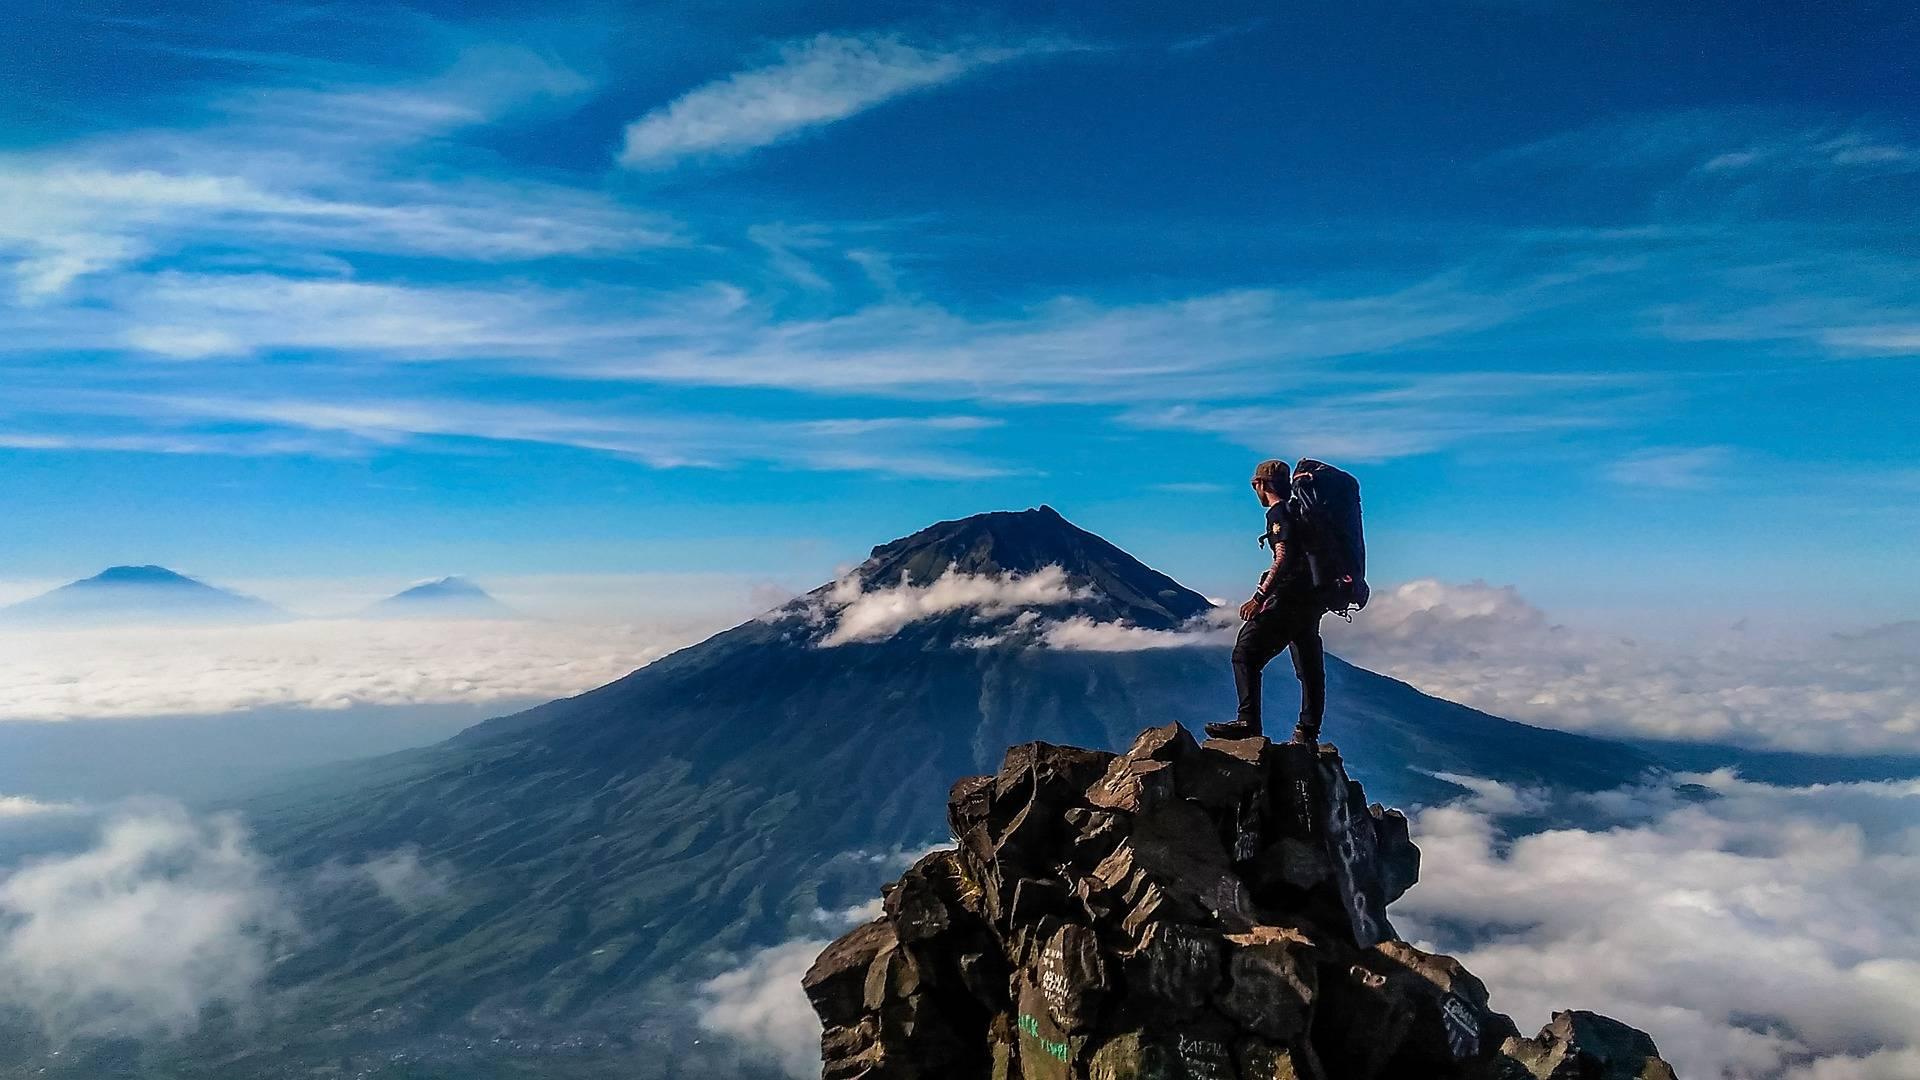 8 conseils pour randonner ultraléger. La randonnée ultraléger permet de réduire le poids de votre sacs à dos.